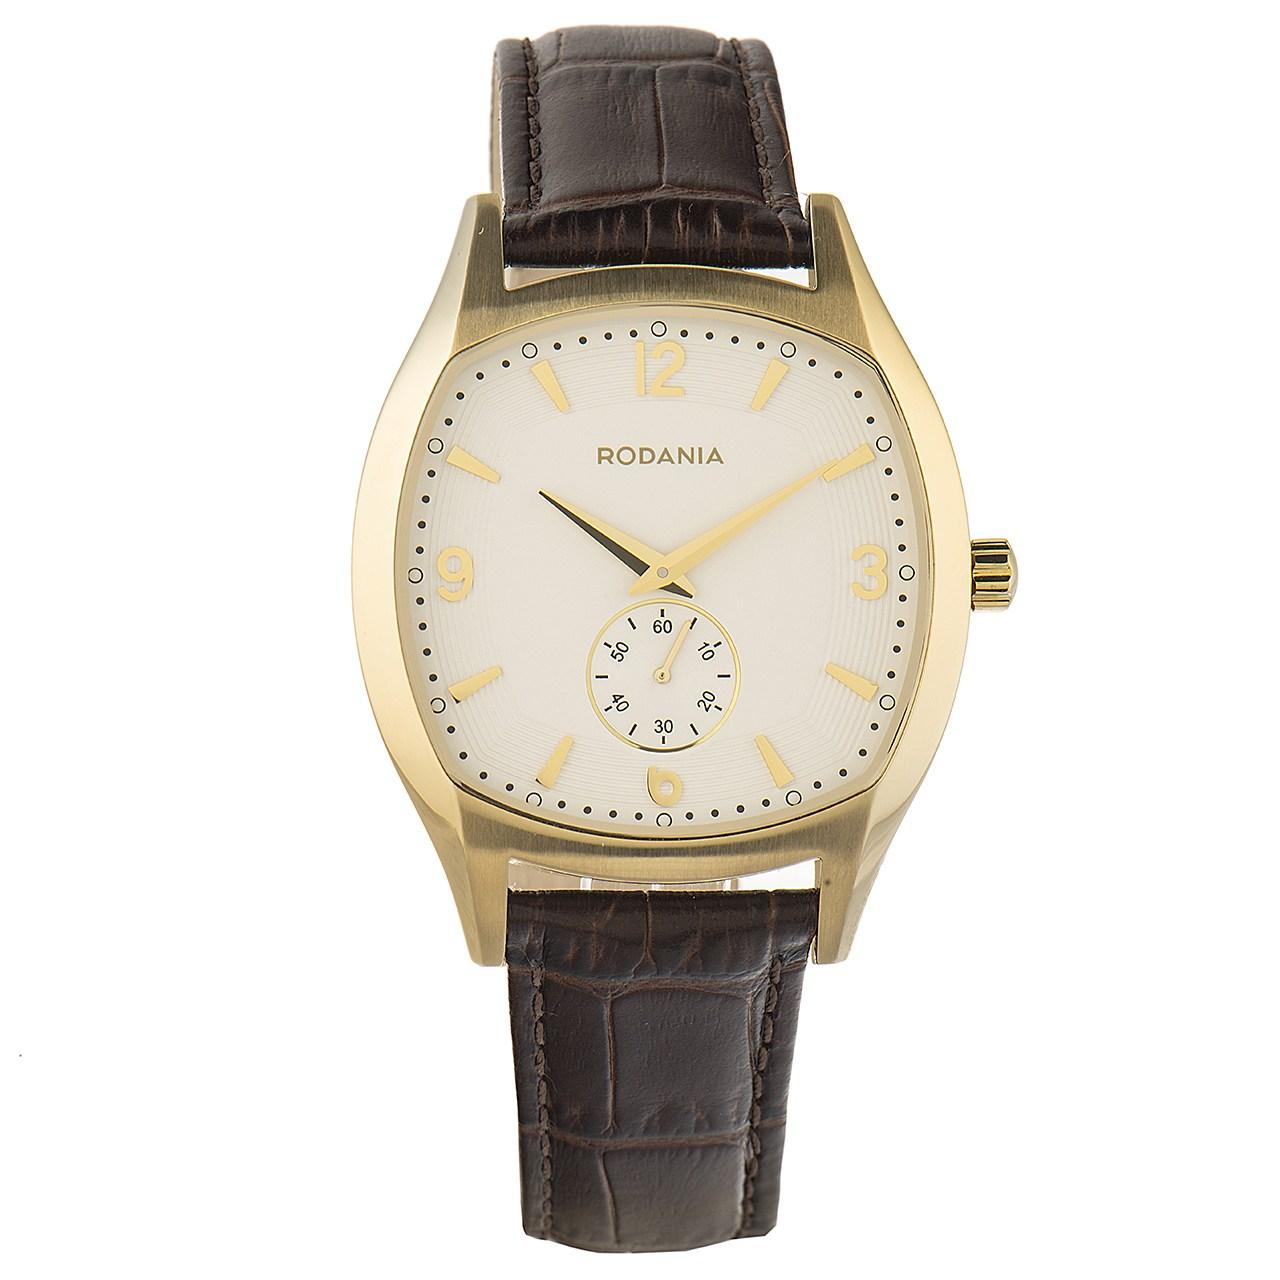 ساعت مچی عقربهای مردانه رودانیا مدل R.2617130